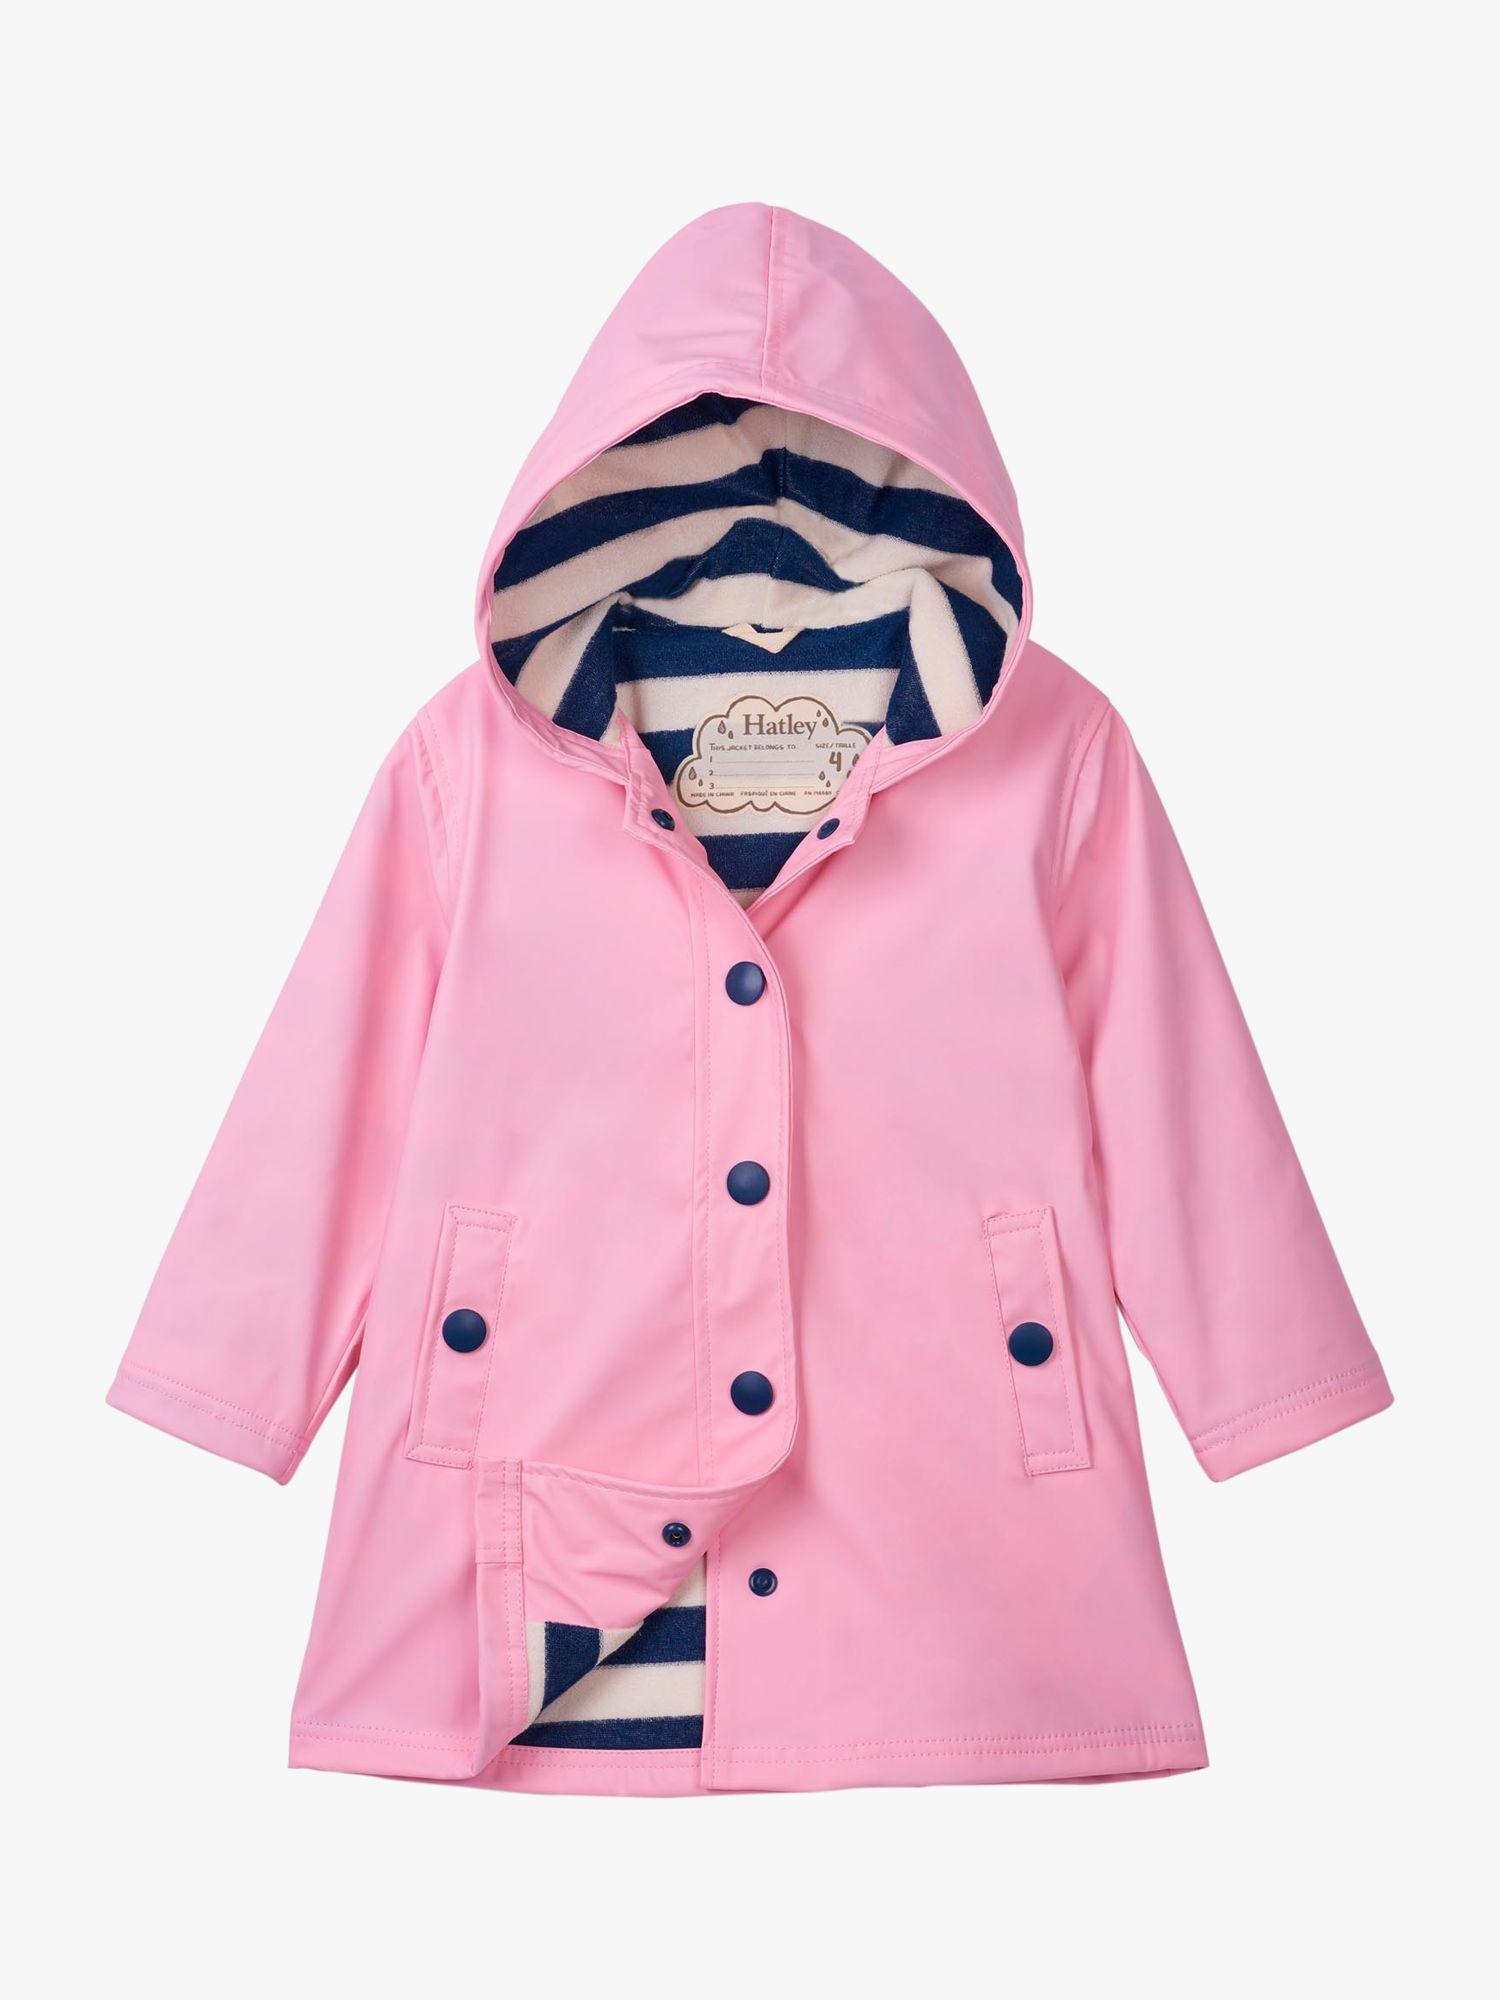 Hatley Hatley Girls' Splash Jacket, Pink